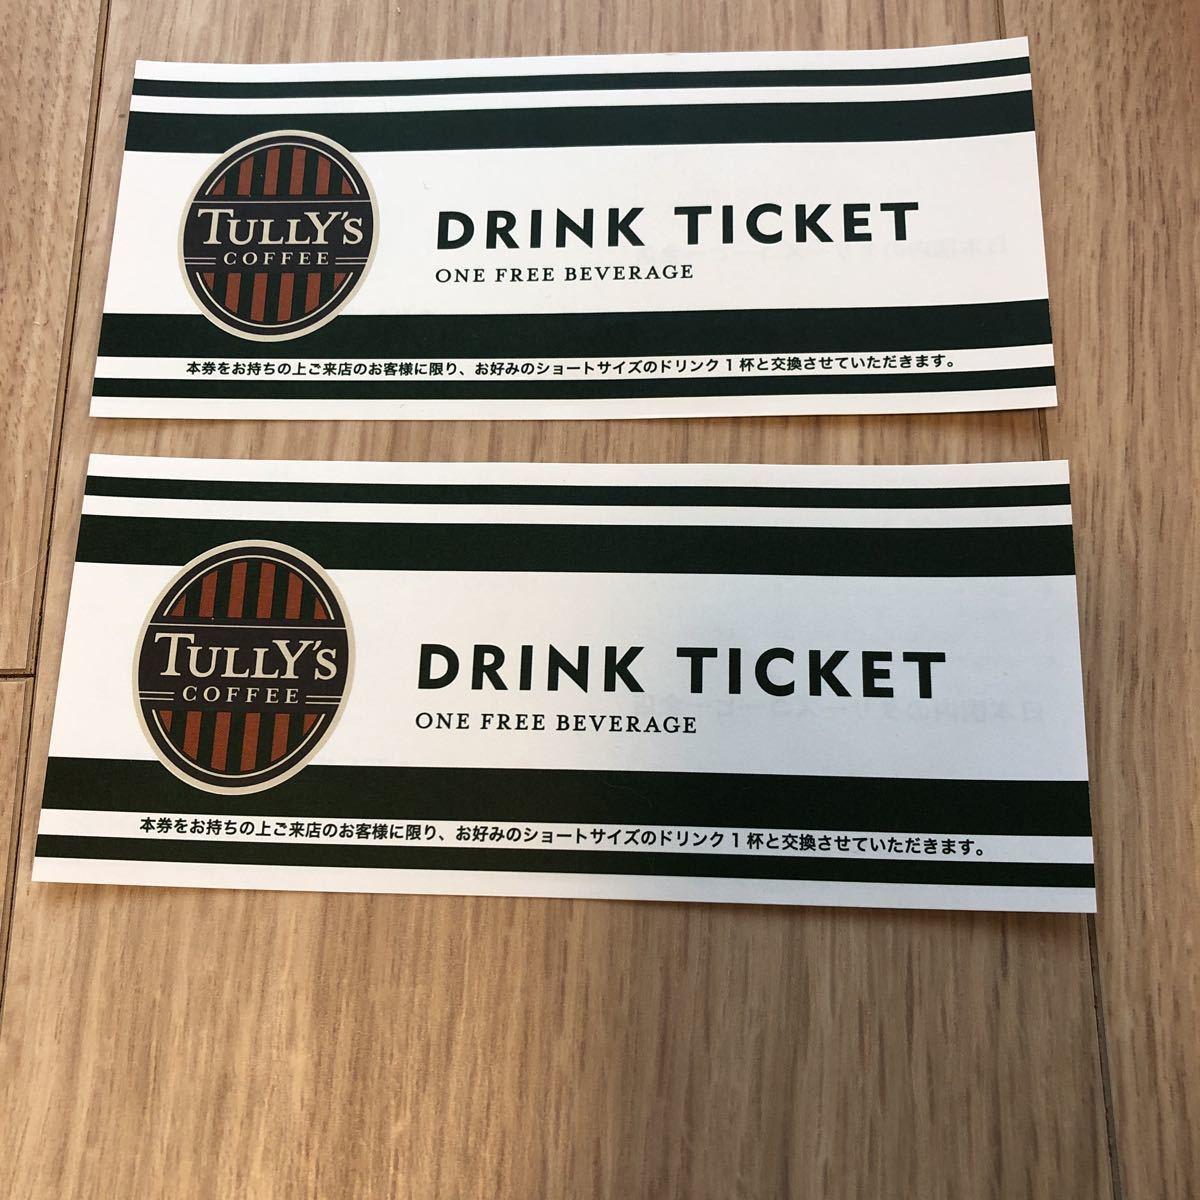 即決★ 2枚 タリーズコーヒー TULLY''S COFFEE ドリンクチケット 有効期限無し 発行店舗印有り 新品未使用_画像1